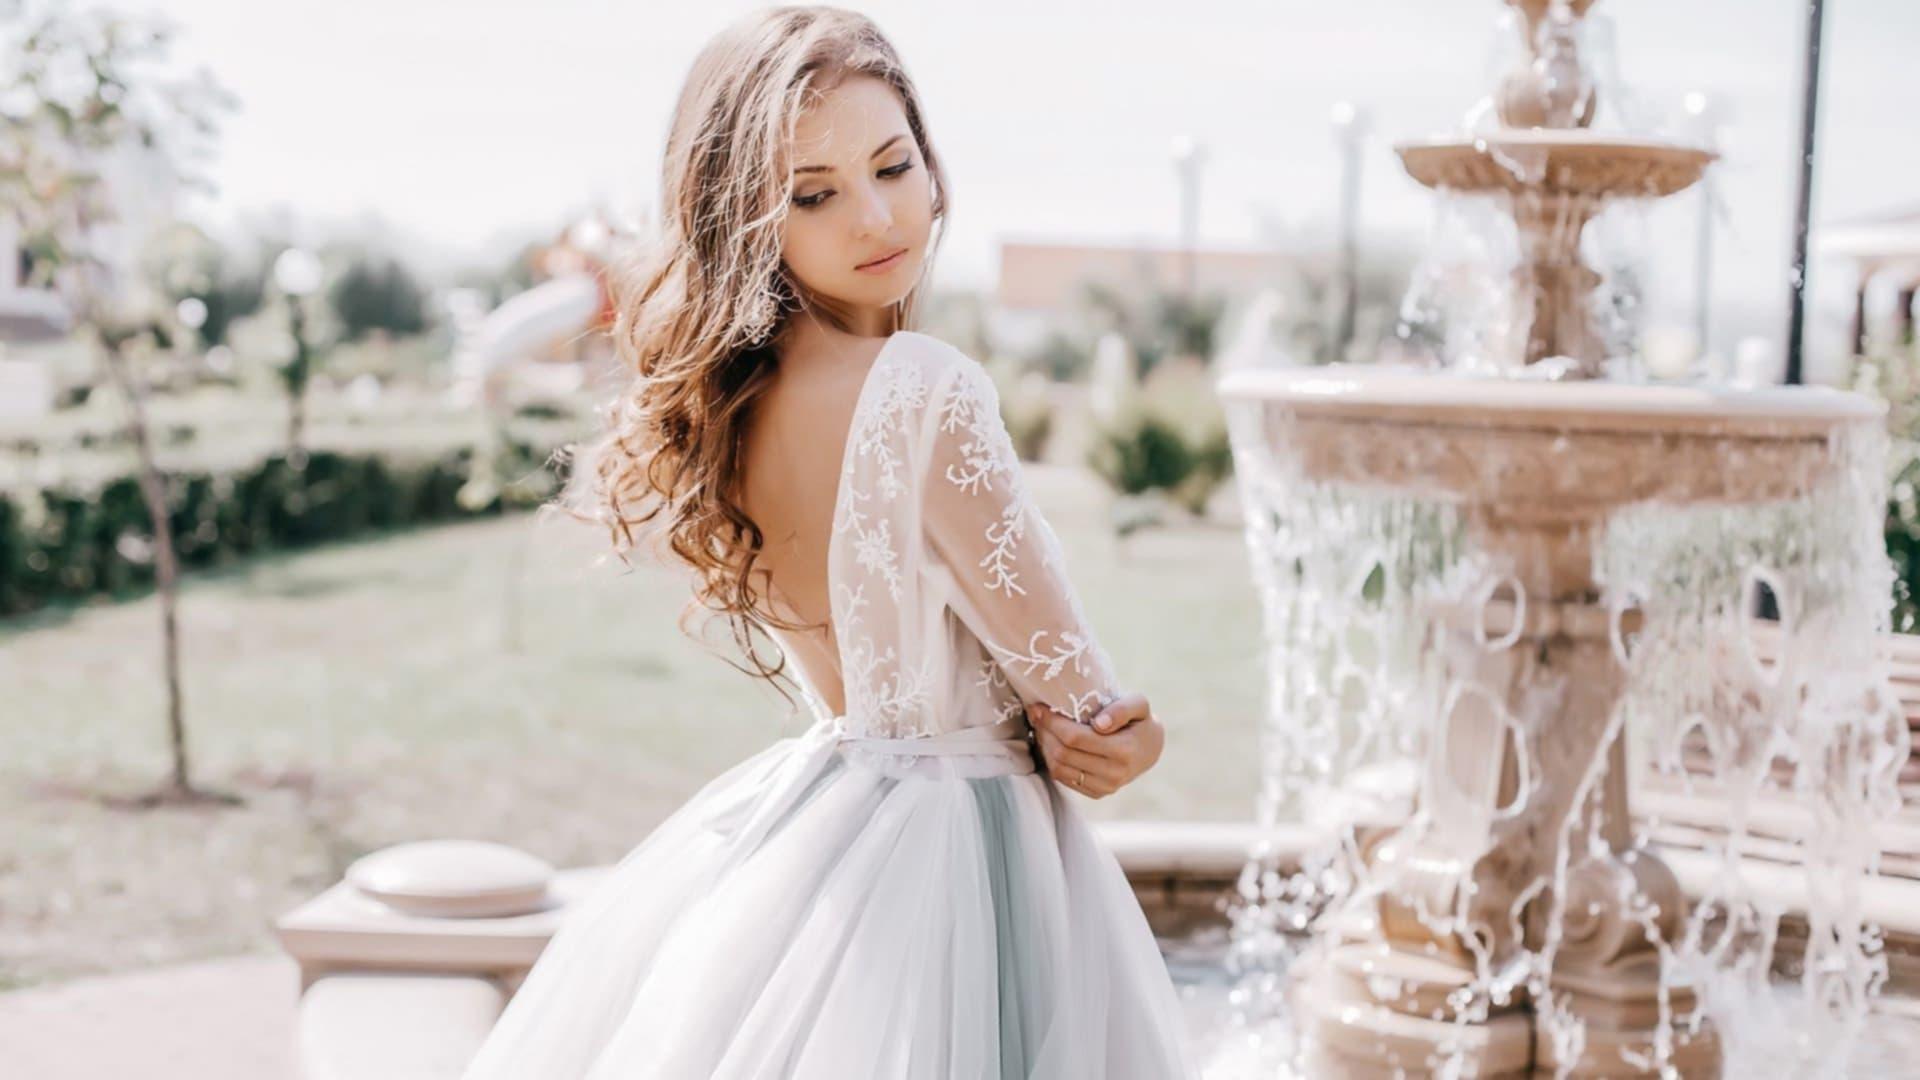 Випускні сукні 2019  модні тенденції та особливості вибору - Жіночий ... 8ba131124d549